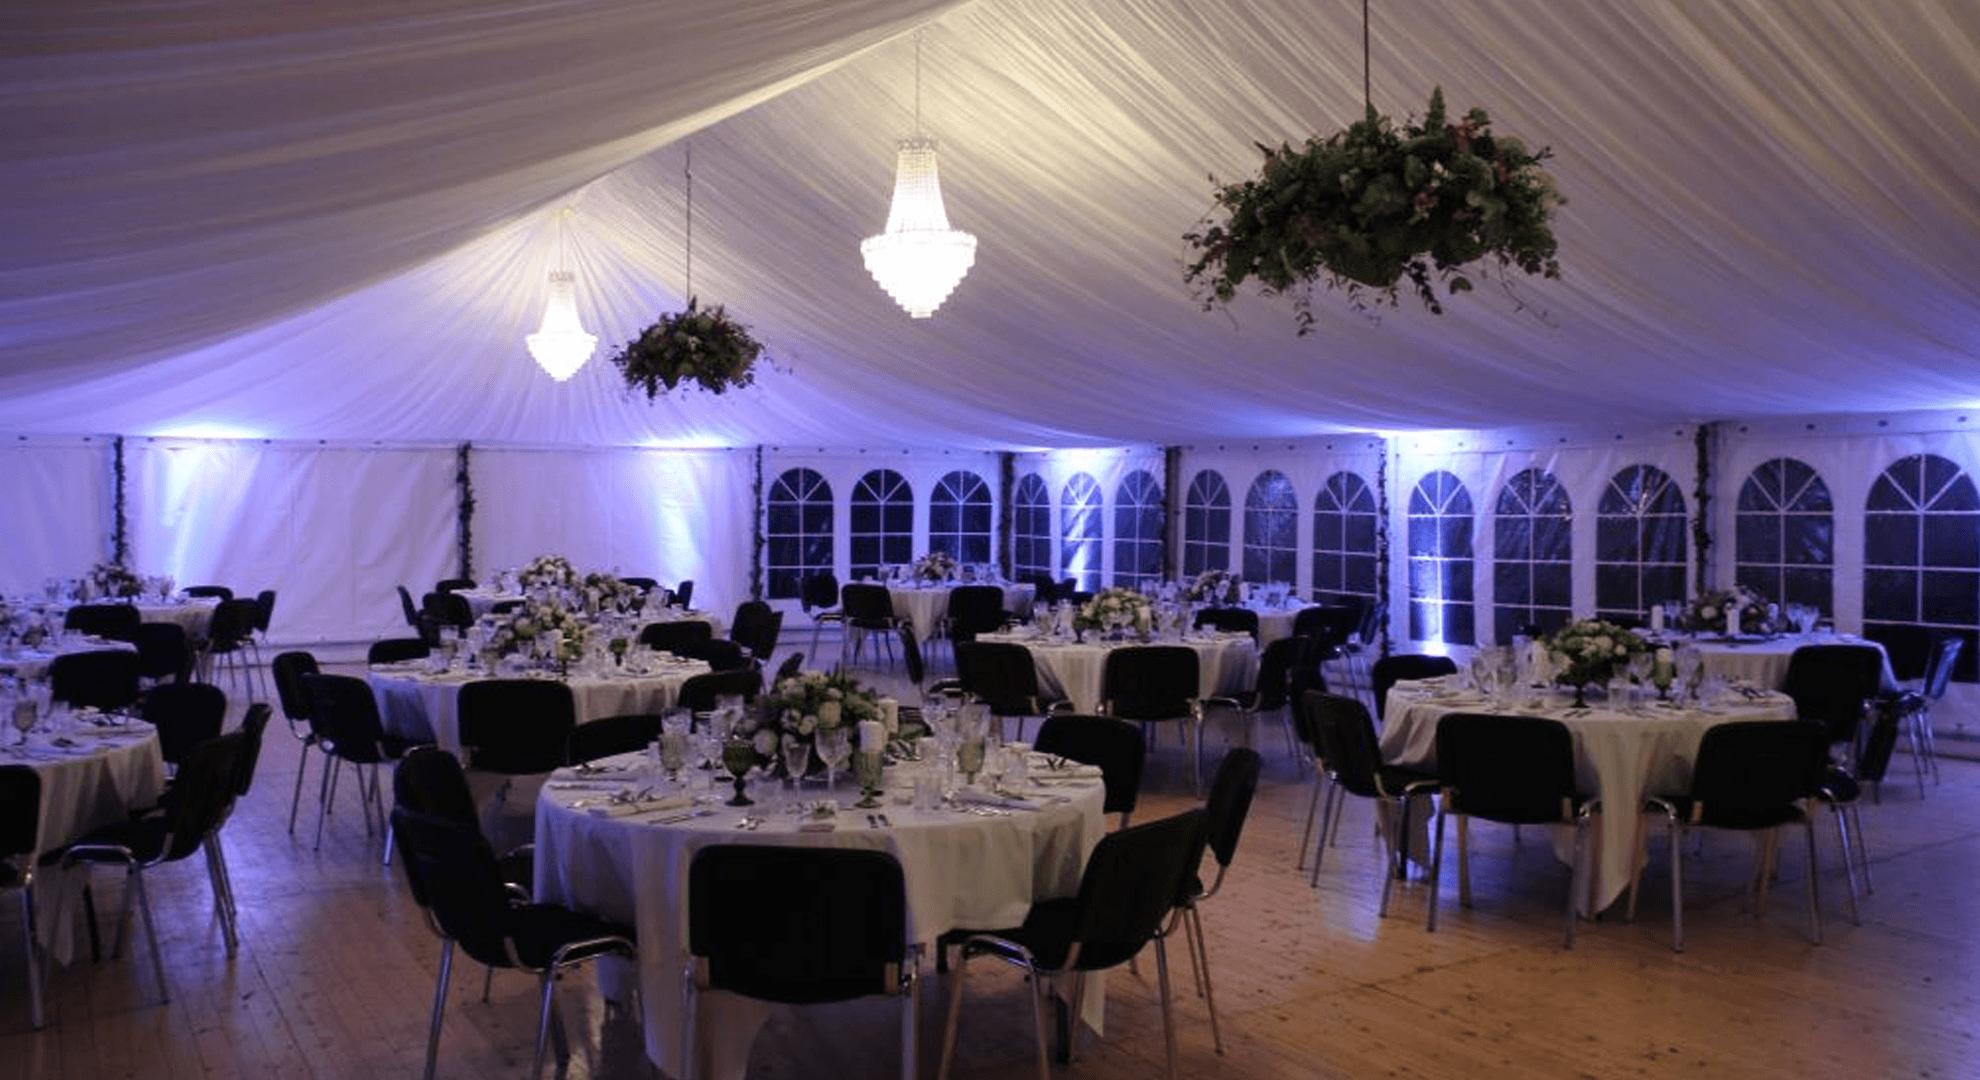 12 m telt innerline bryllup galleri